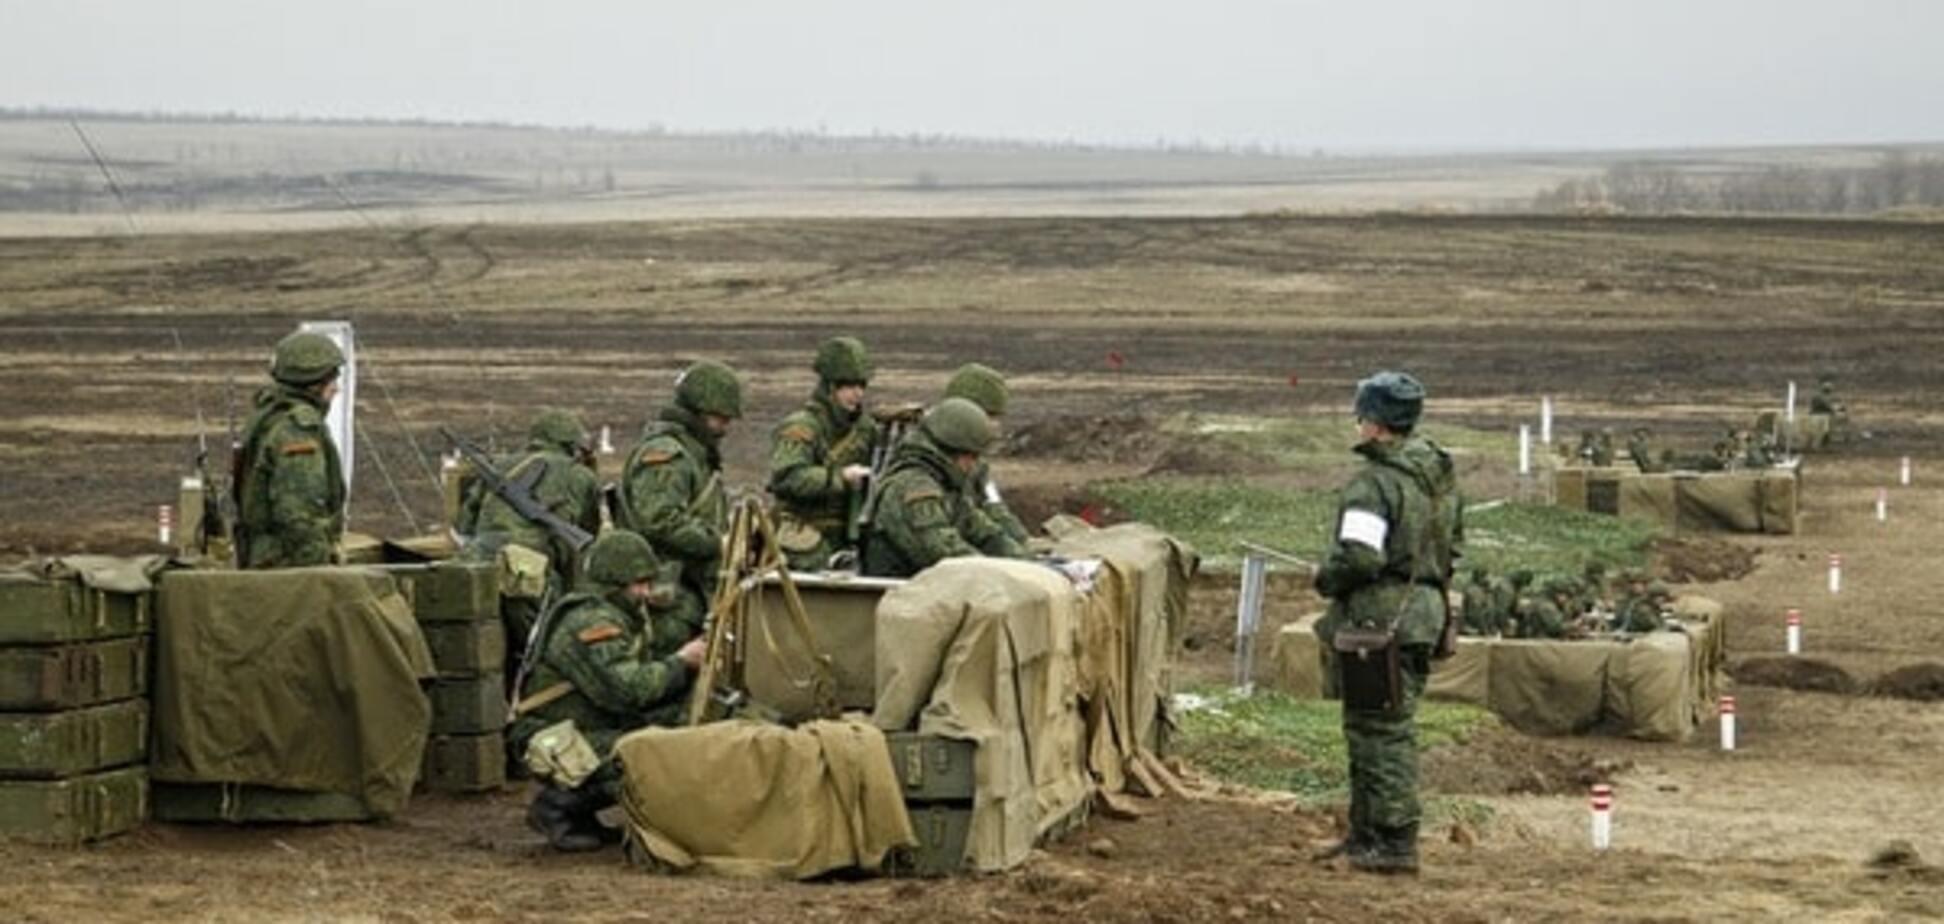 Бой с ДРГ: украинские военные уничтожили 30 террористов